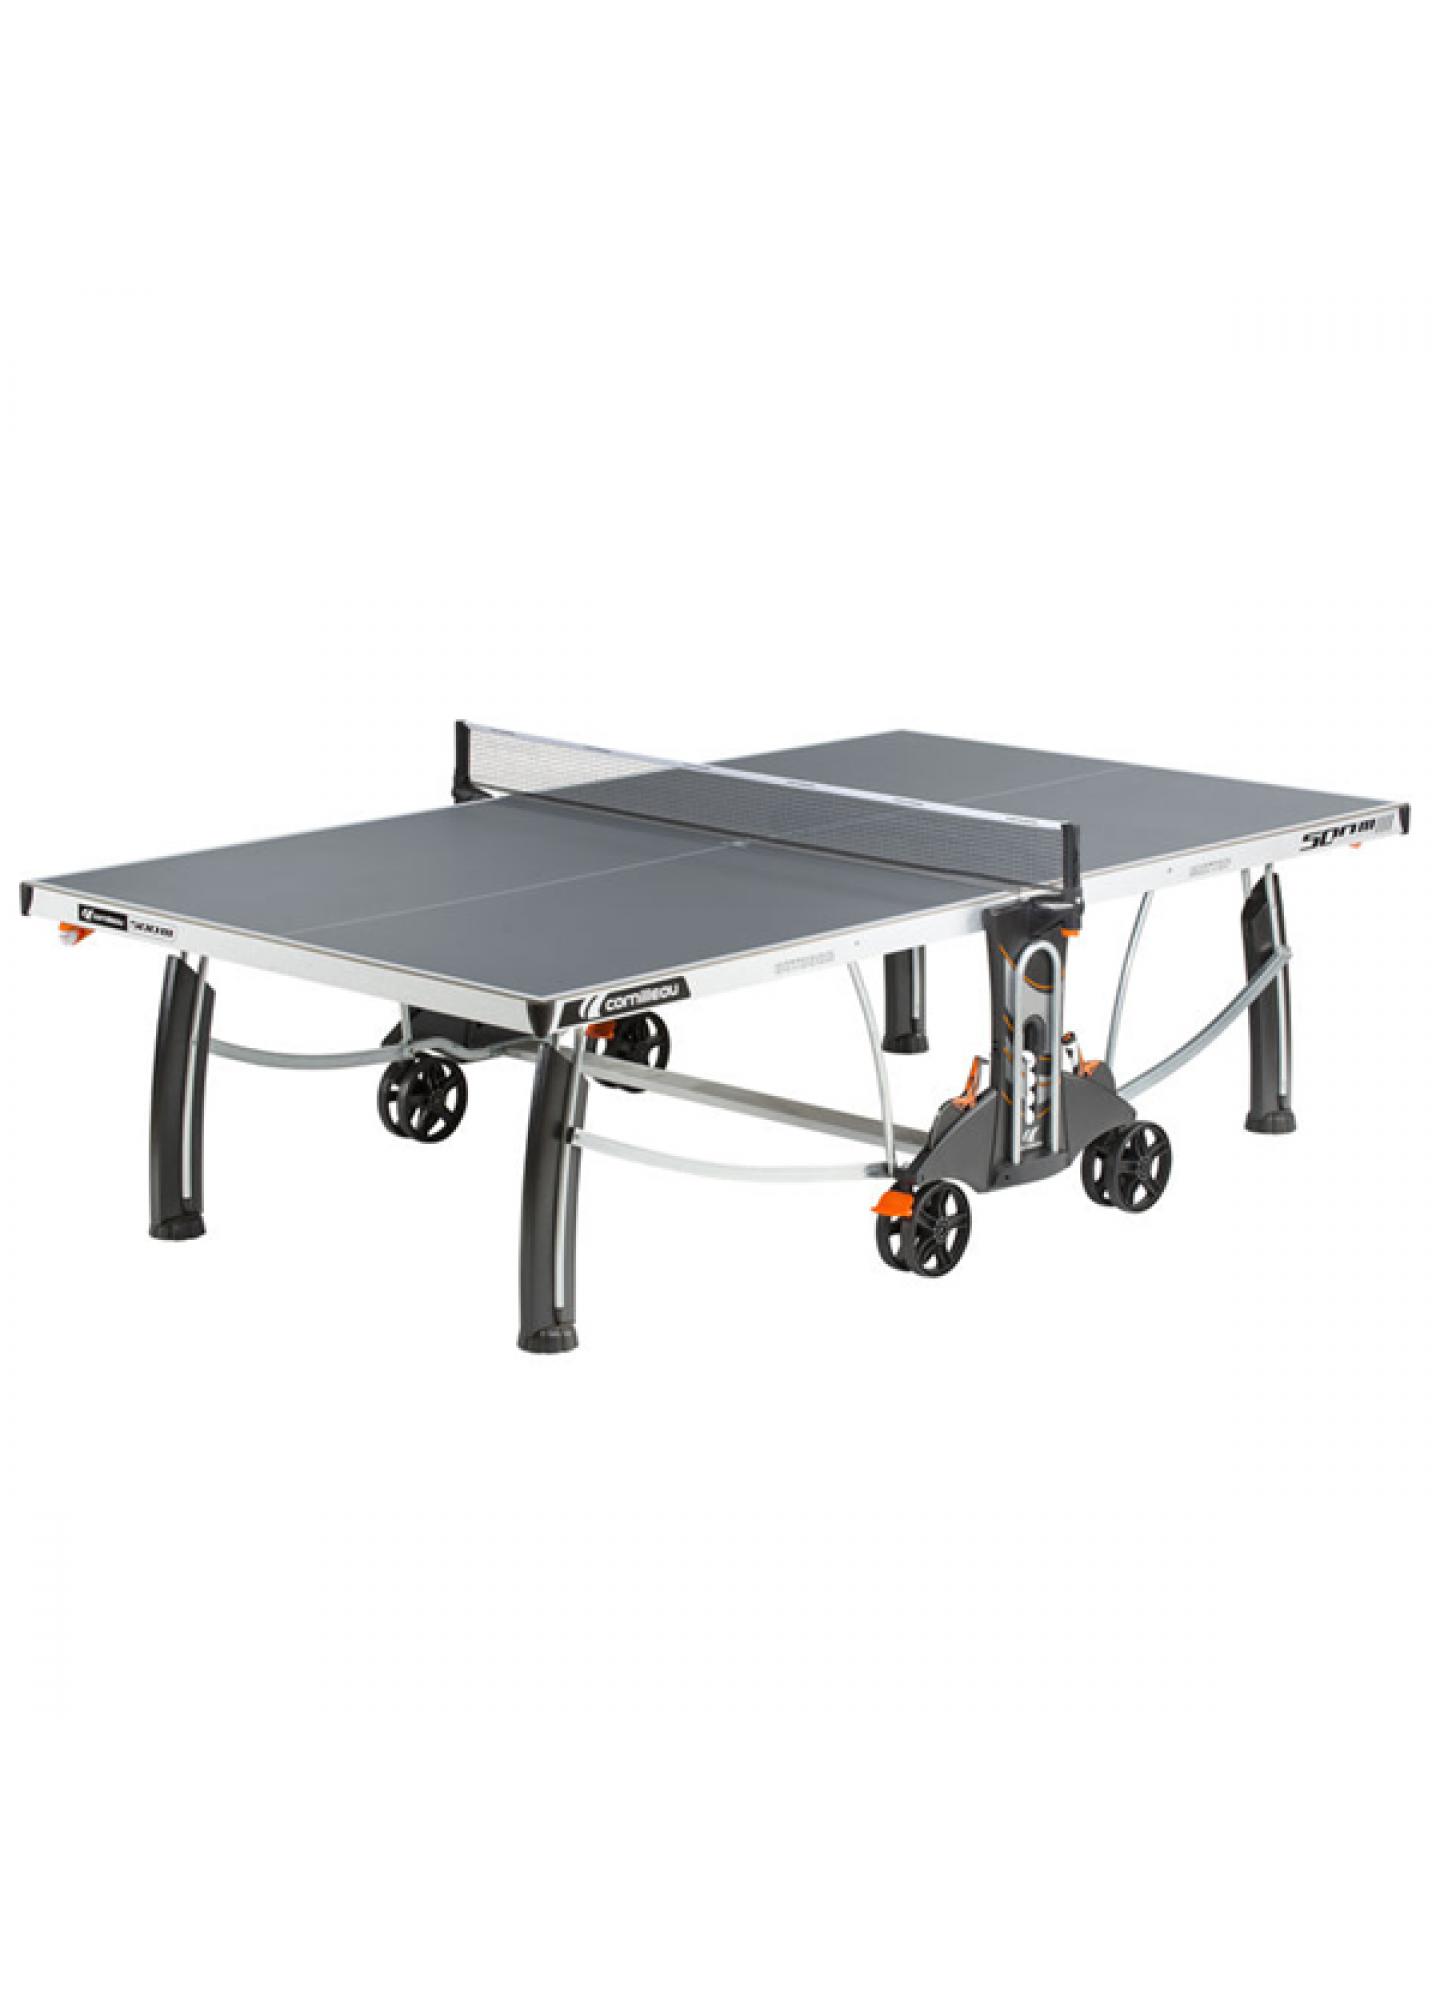 CORNILLEAU SPORT 500 INDOOR / OUTDOOR TABLE TENNIS